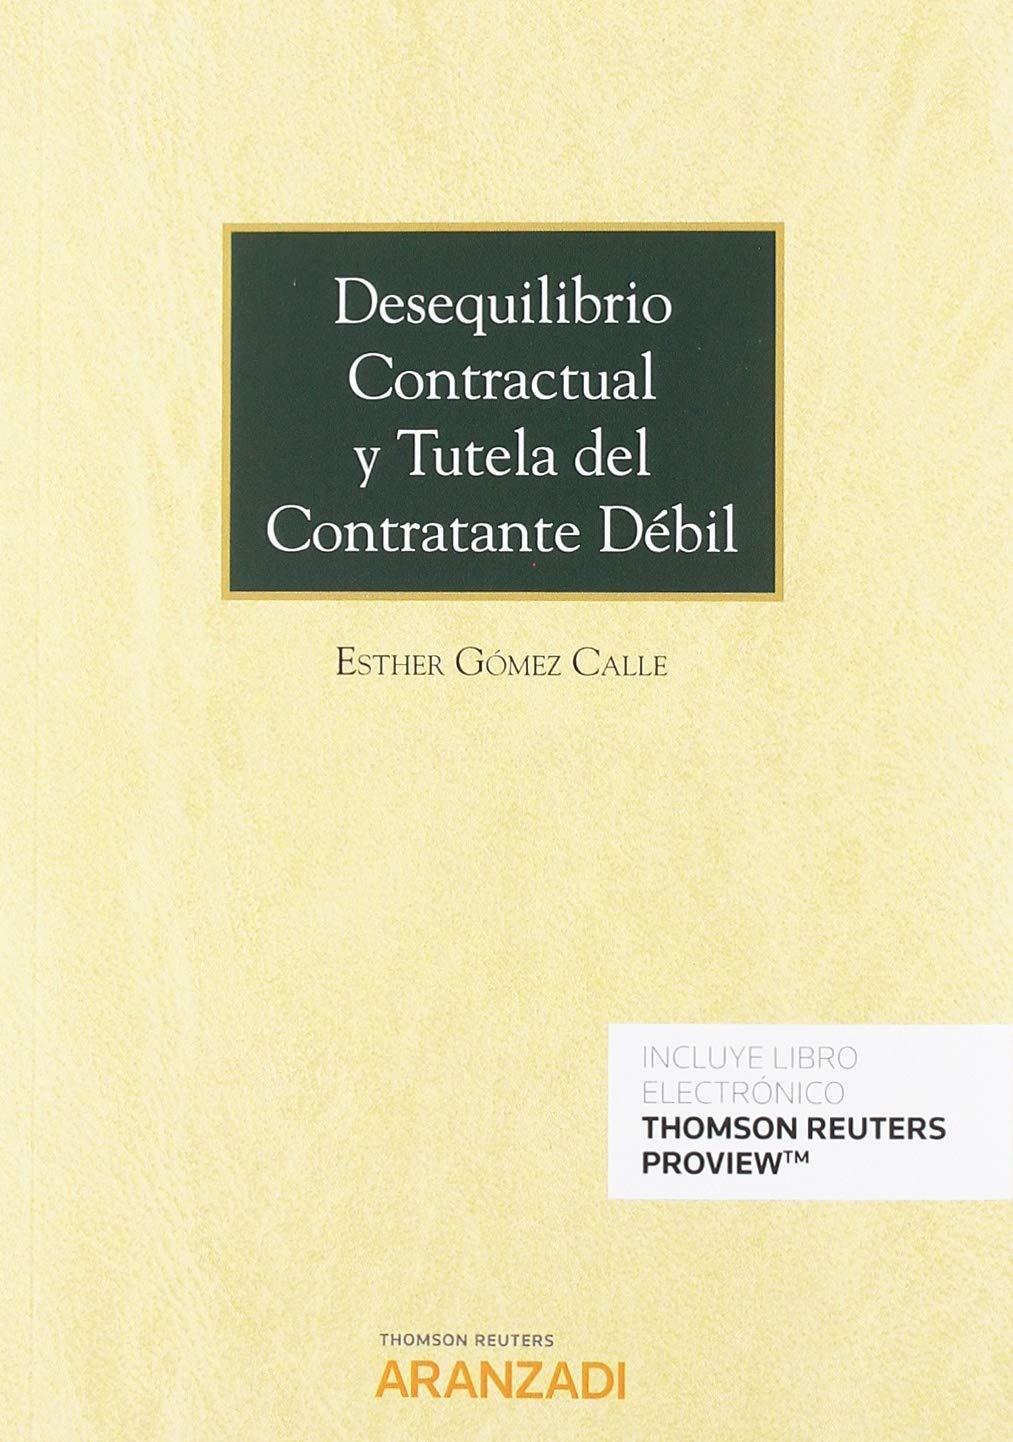 Desequilibrio contractual y tutela del contratante débil (Papel + e-book) (Monografía)